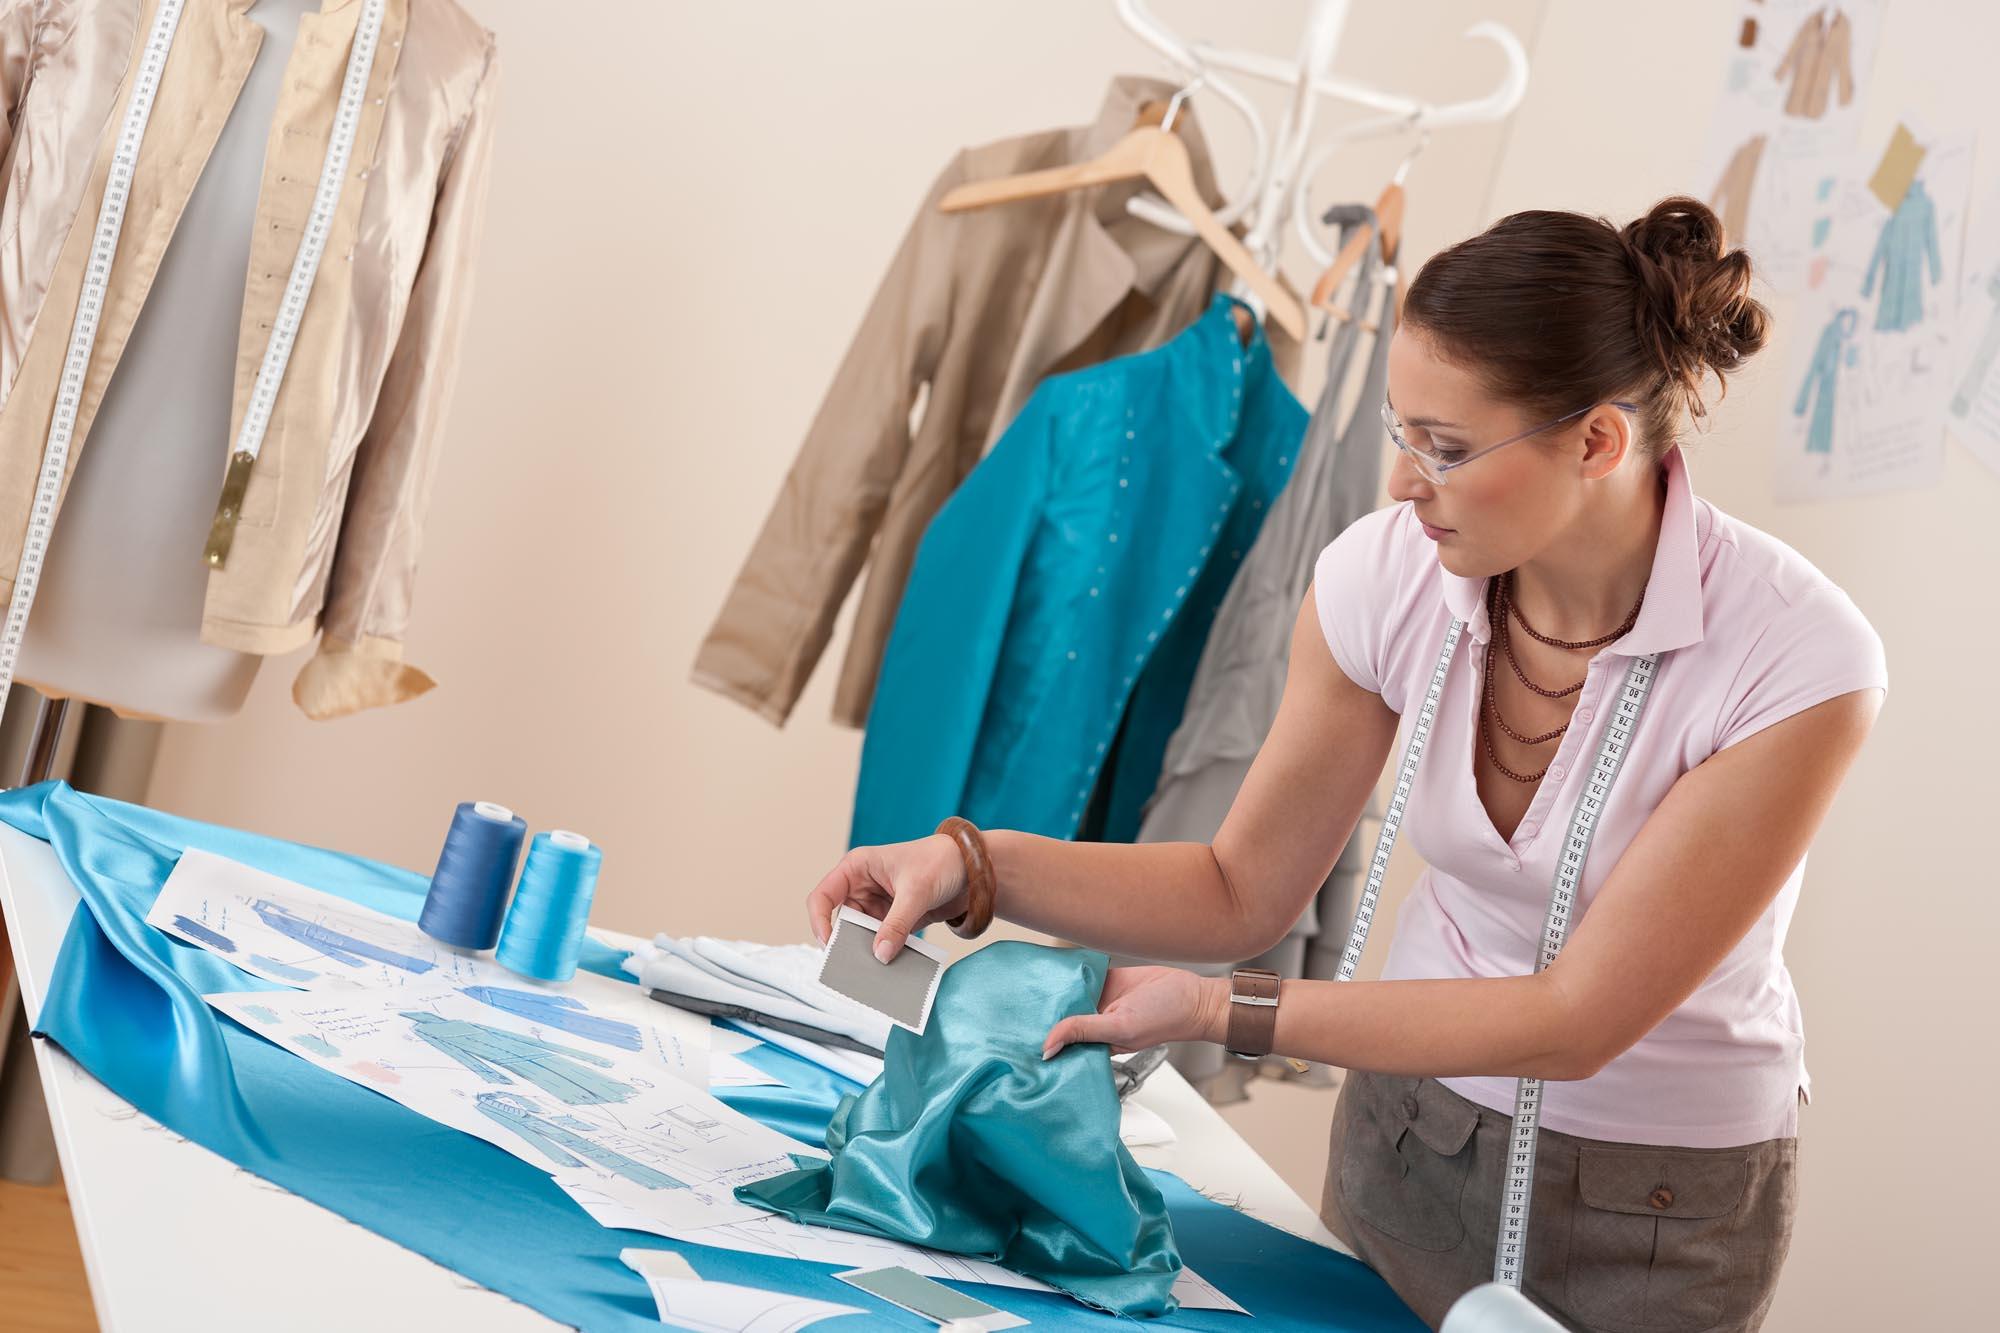 Швея или дизайнер одежды